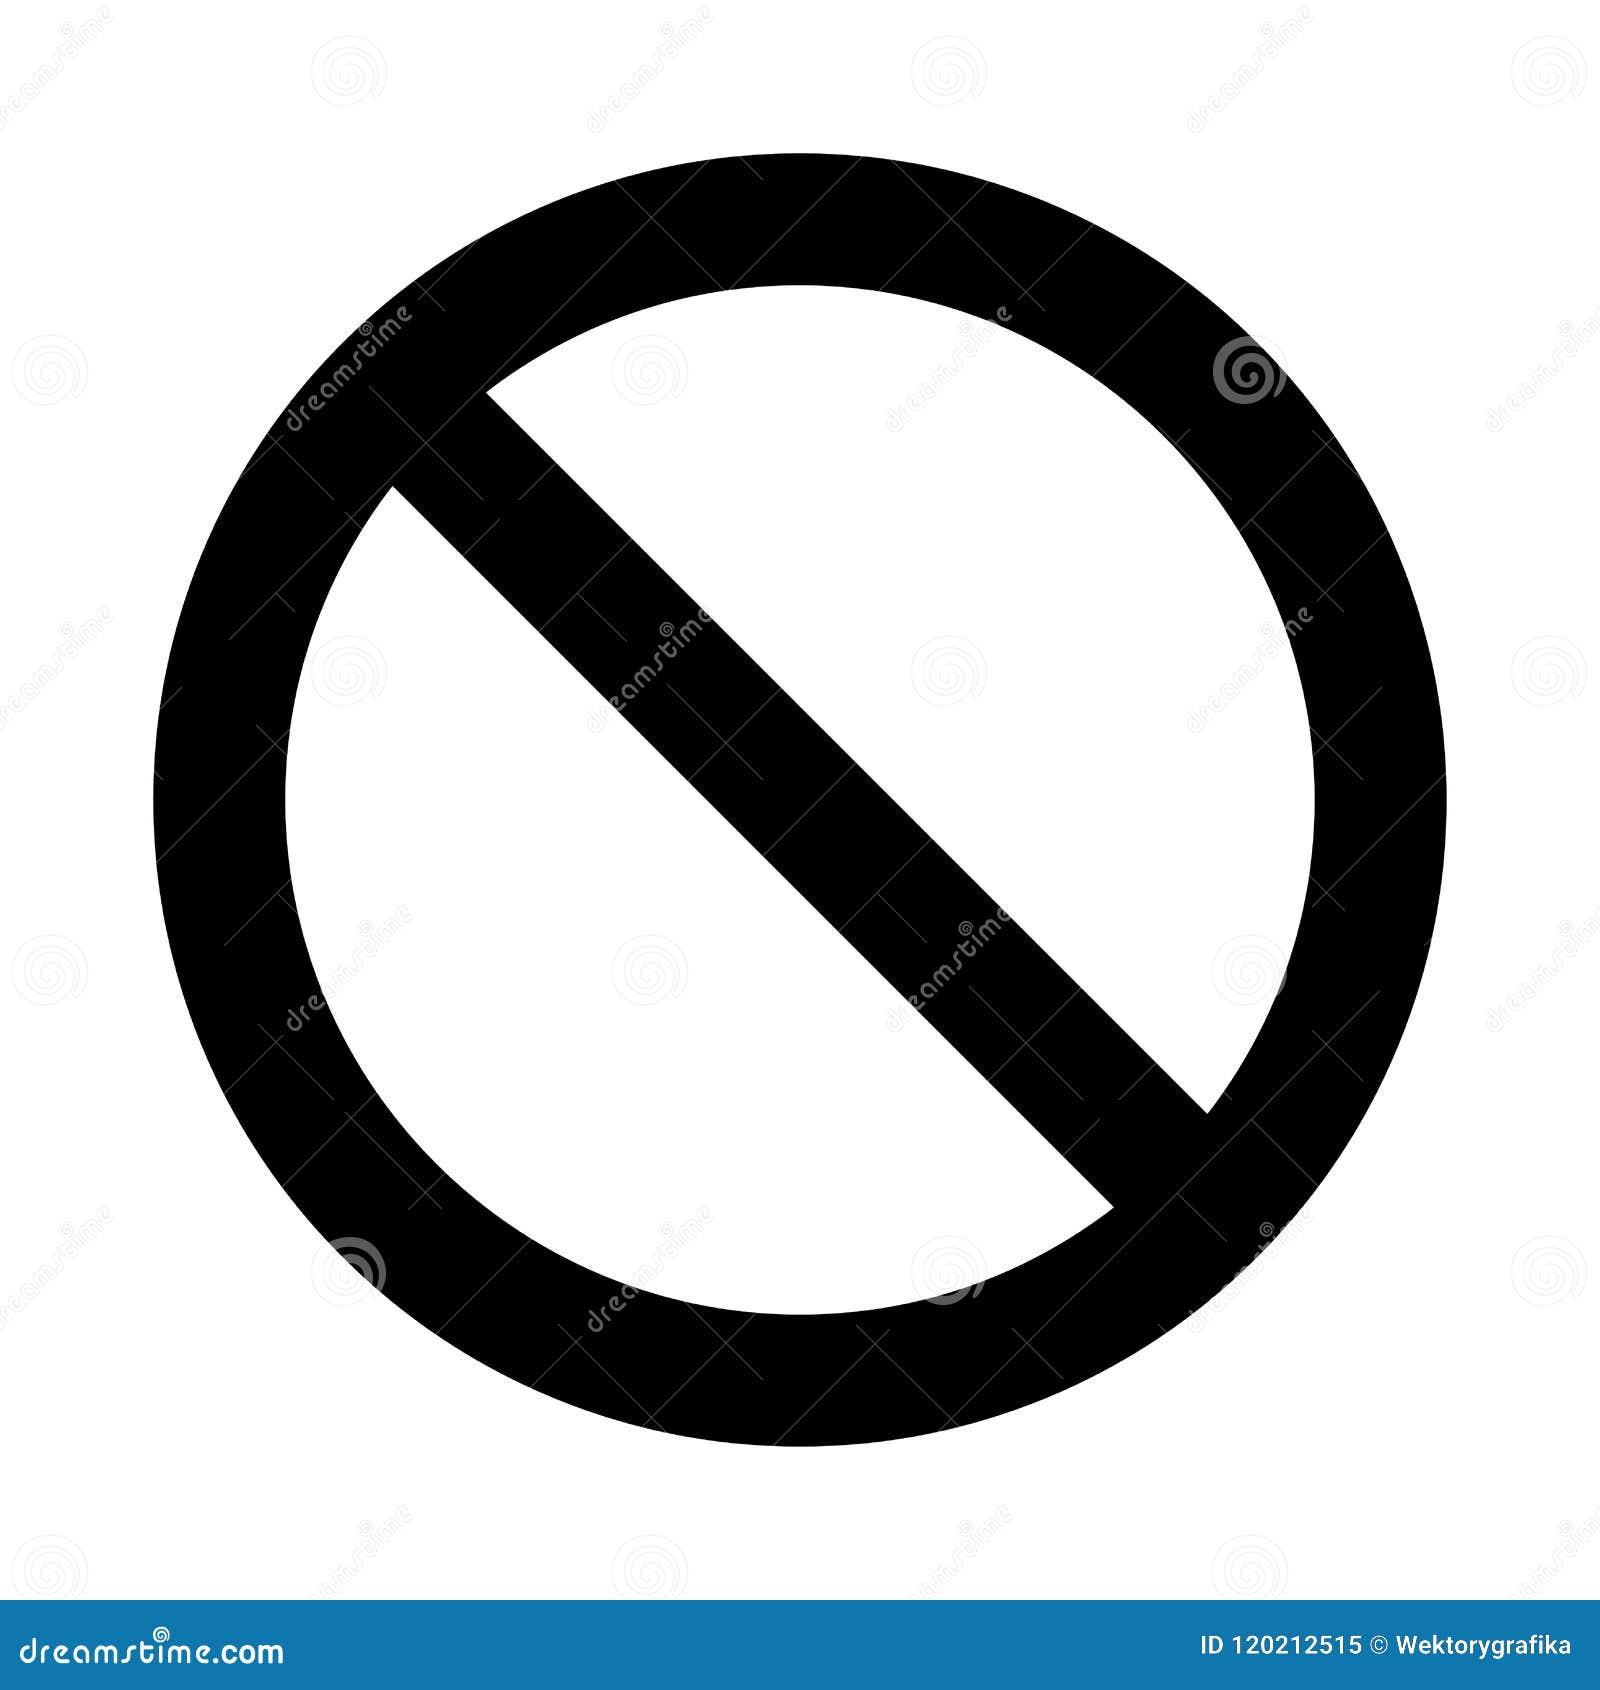 Ninguna muestra, diseño del símbolo de la prohibición aislada en el fondo blanco